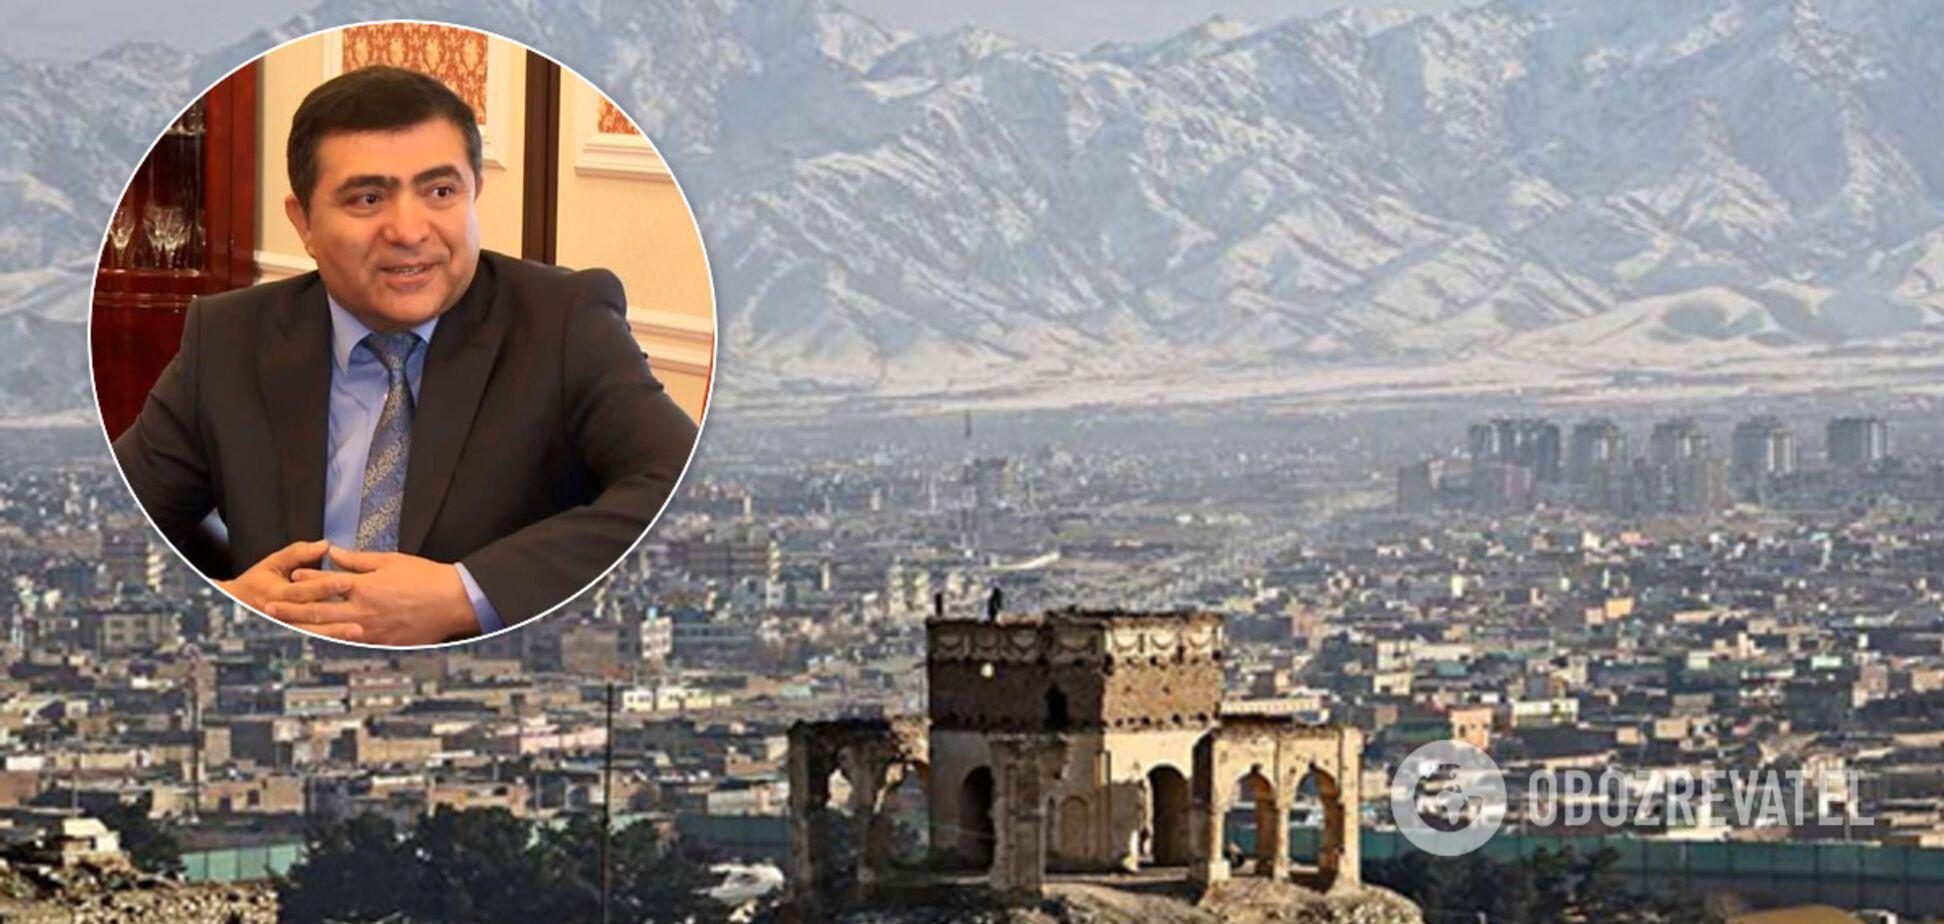 'На помощь со стороны лучше не рассчитывать': посол Афганистана о войне и перспективах Украины